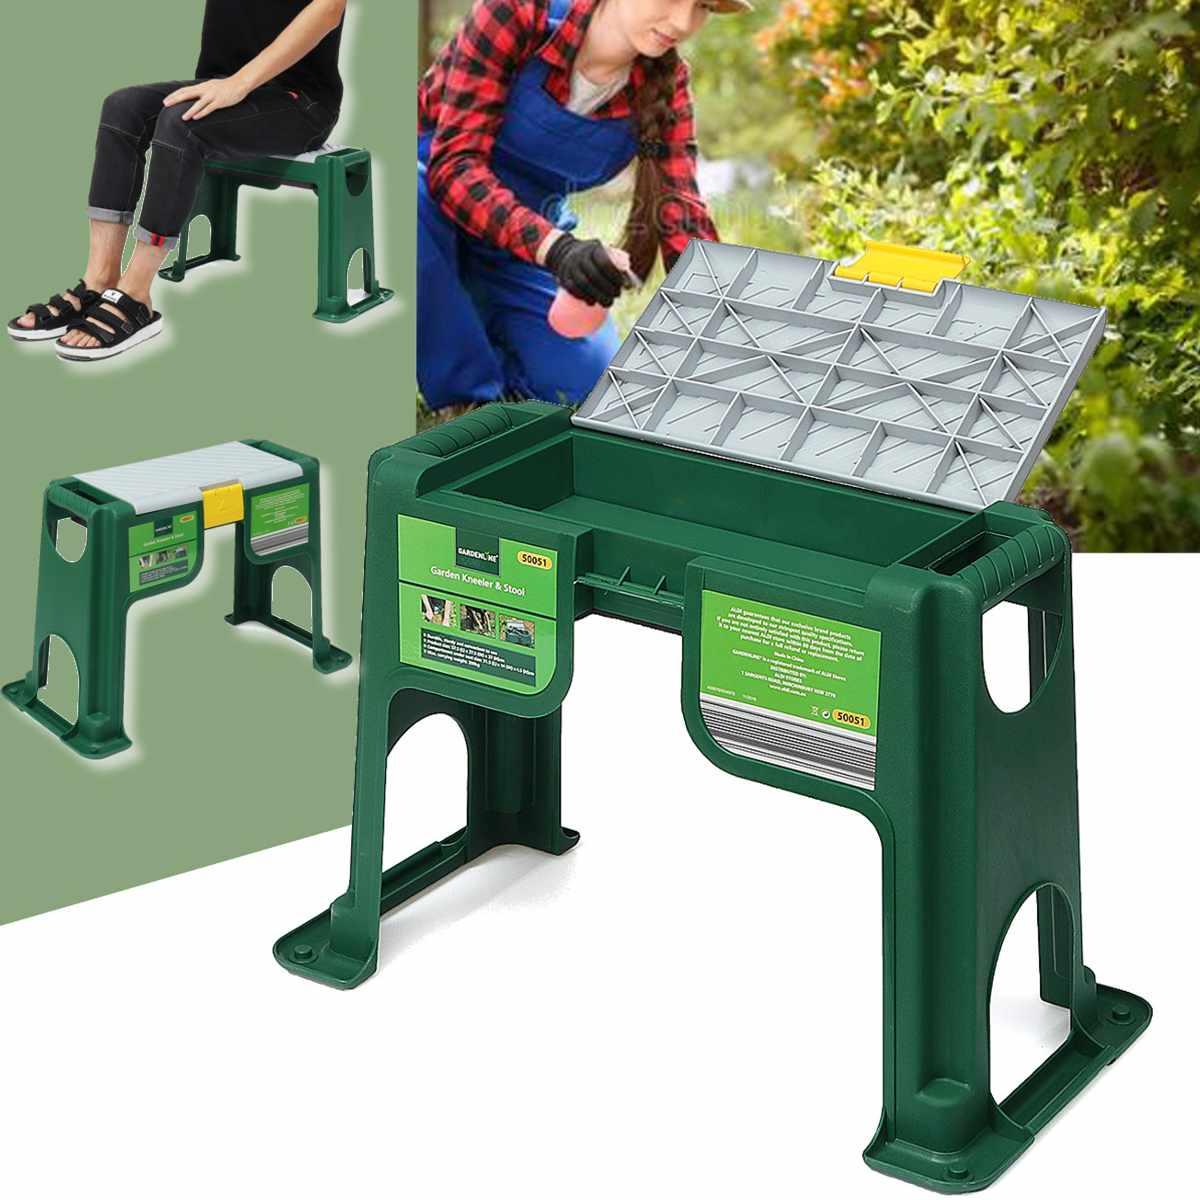 Garden Kneeler And Seat With Storage Bin Stable Plastic Lightweight Garden Chairs Thicken Step Portable Garden Stools Green Grey